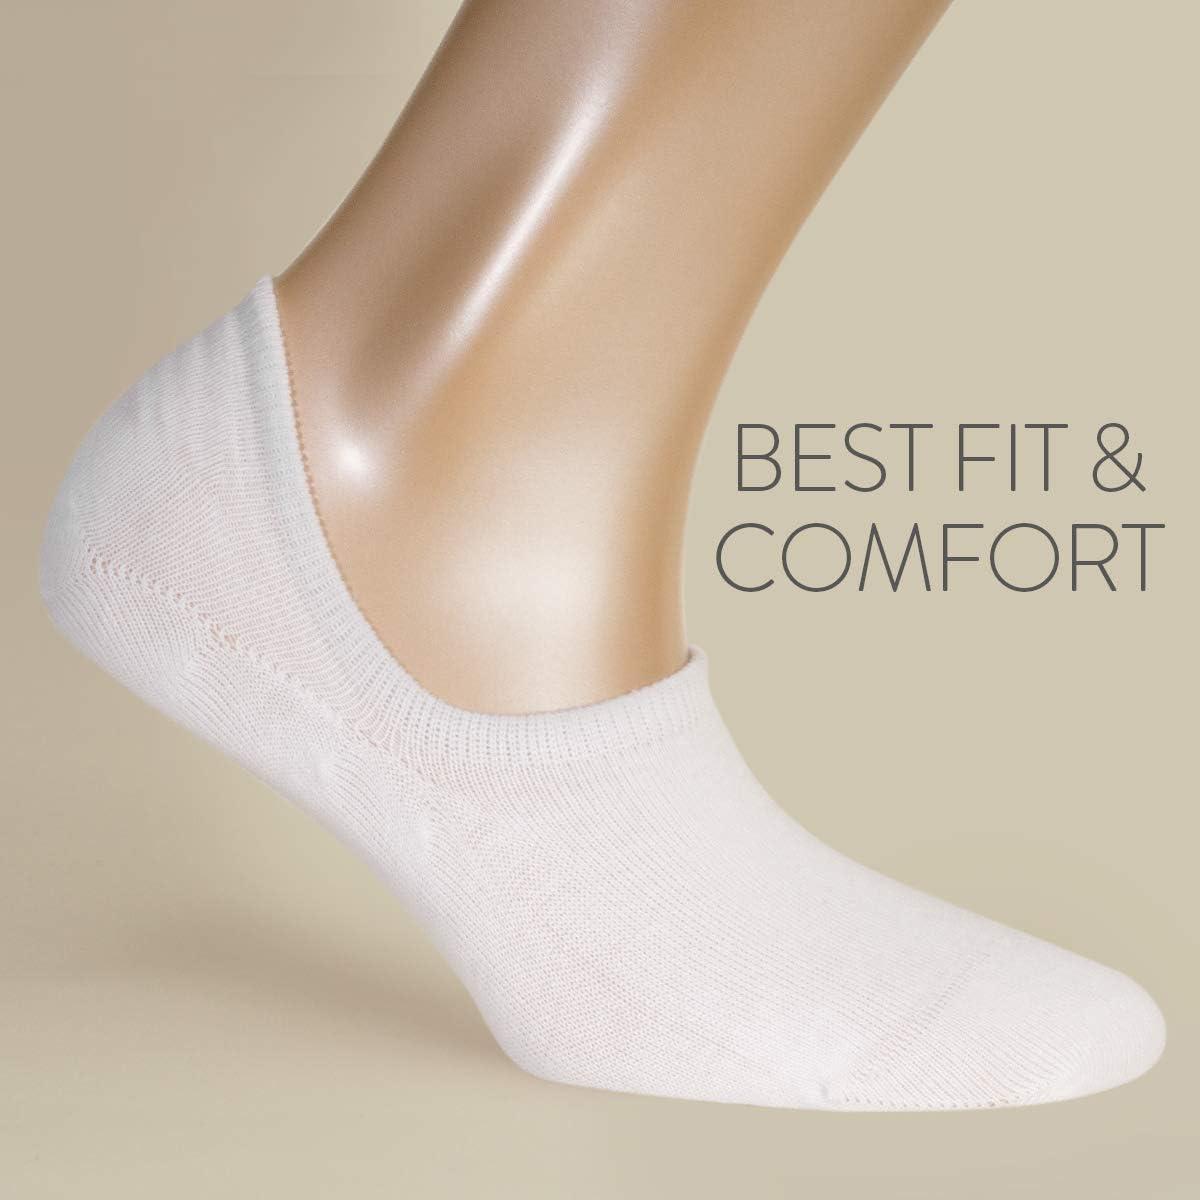 Salvapiedi scollati in cotone con massimo confort 5 paia ALL ABOUT SOCKS Calzini Invisibili Uomo /& Donna PREMIUM | Pedulini ANTISCIVOLO con sistema silicone grip